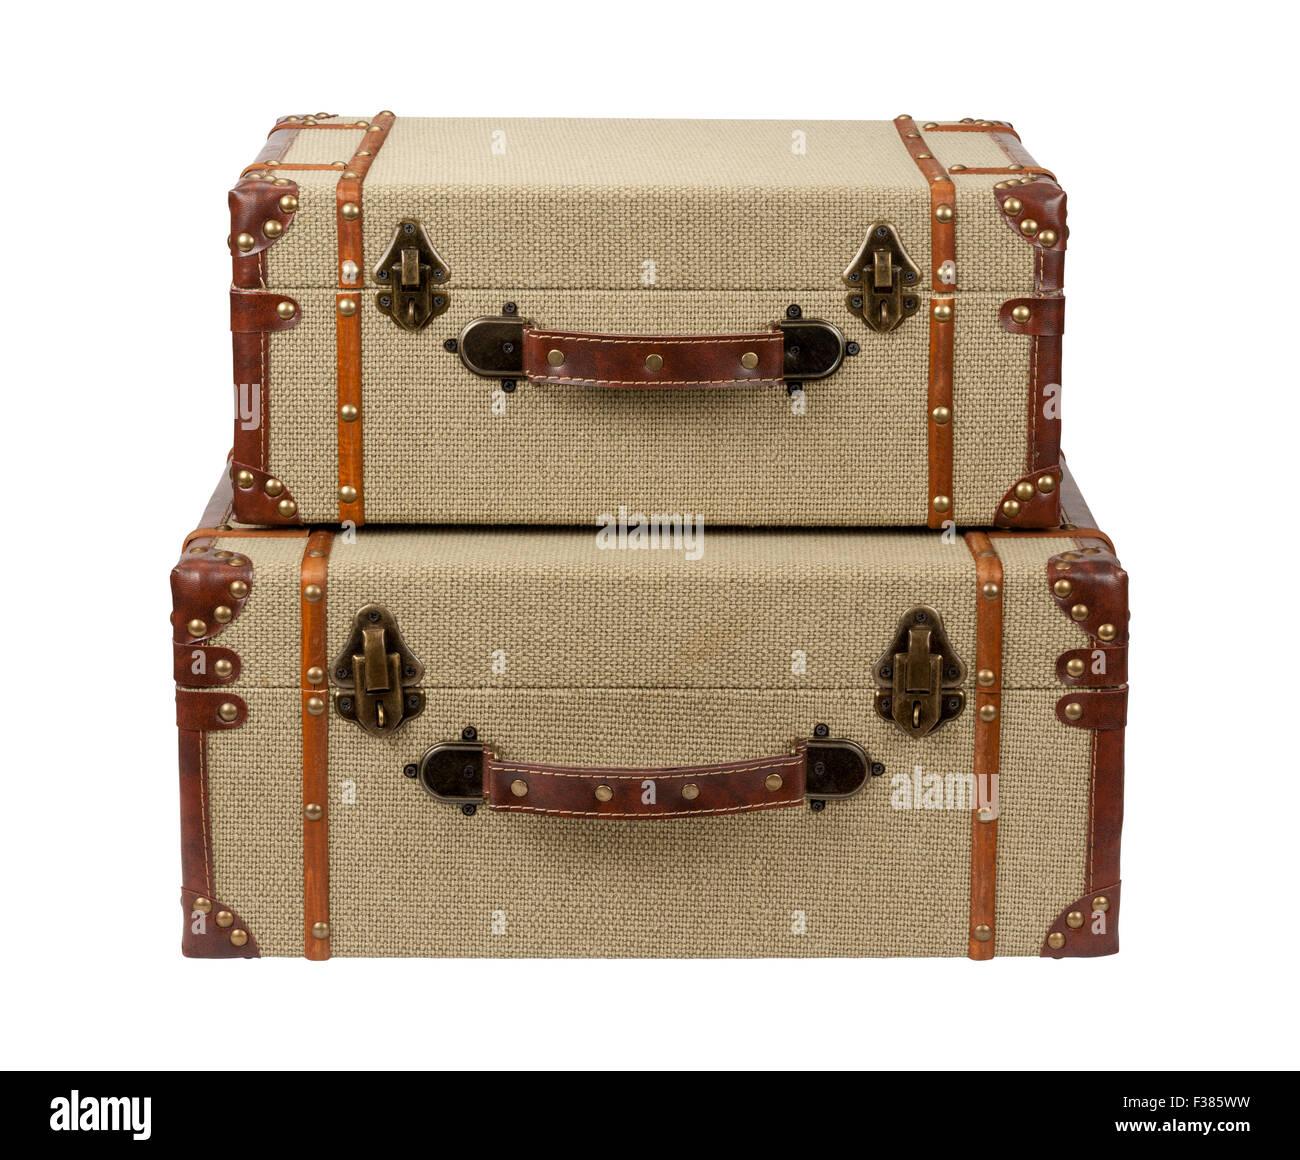 Déco du jute valises empilées Photo Stock